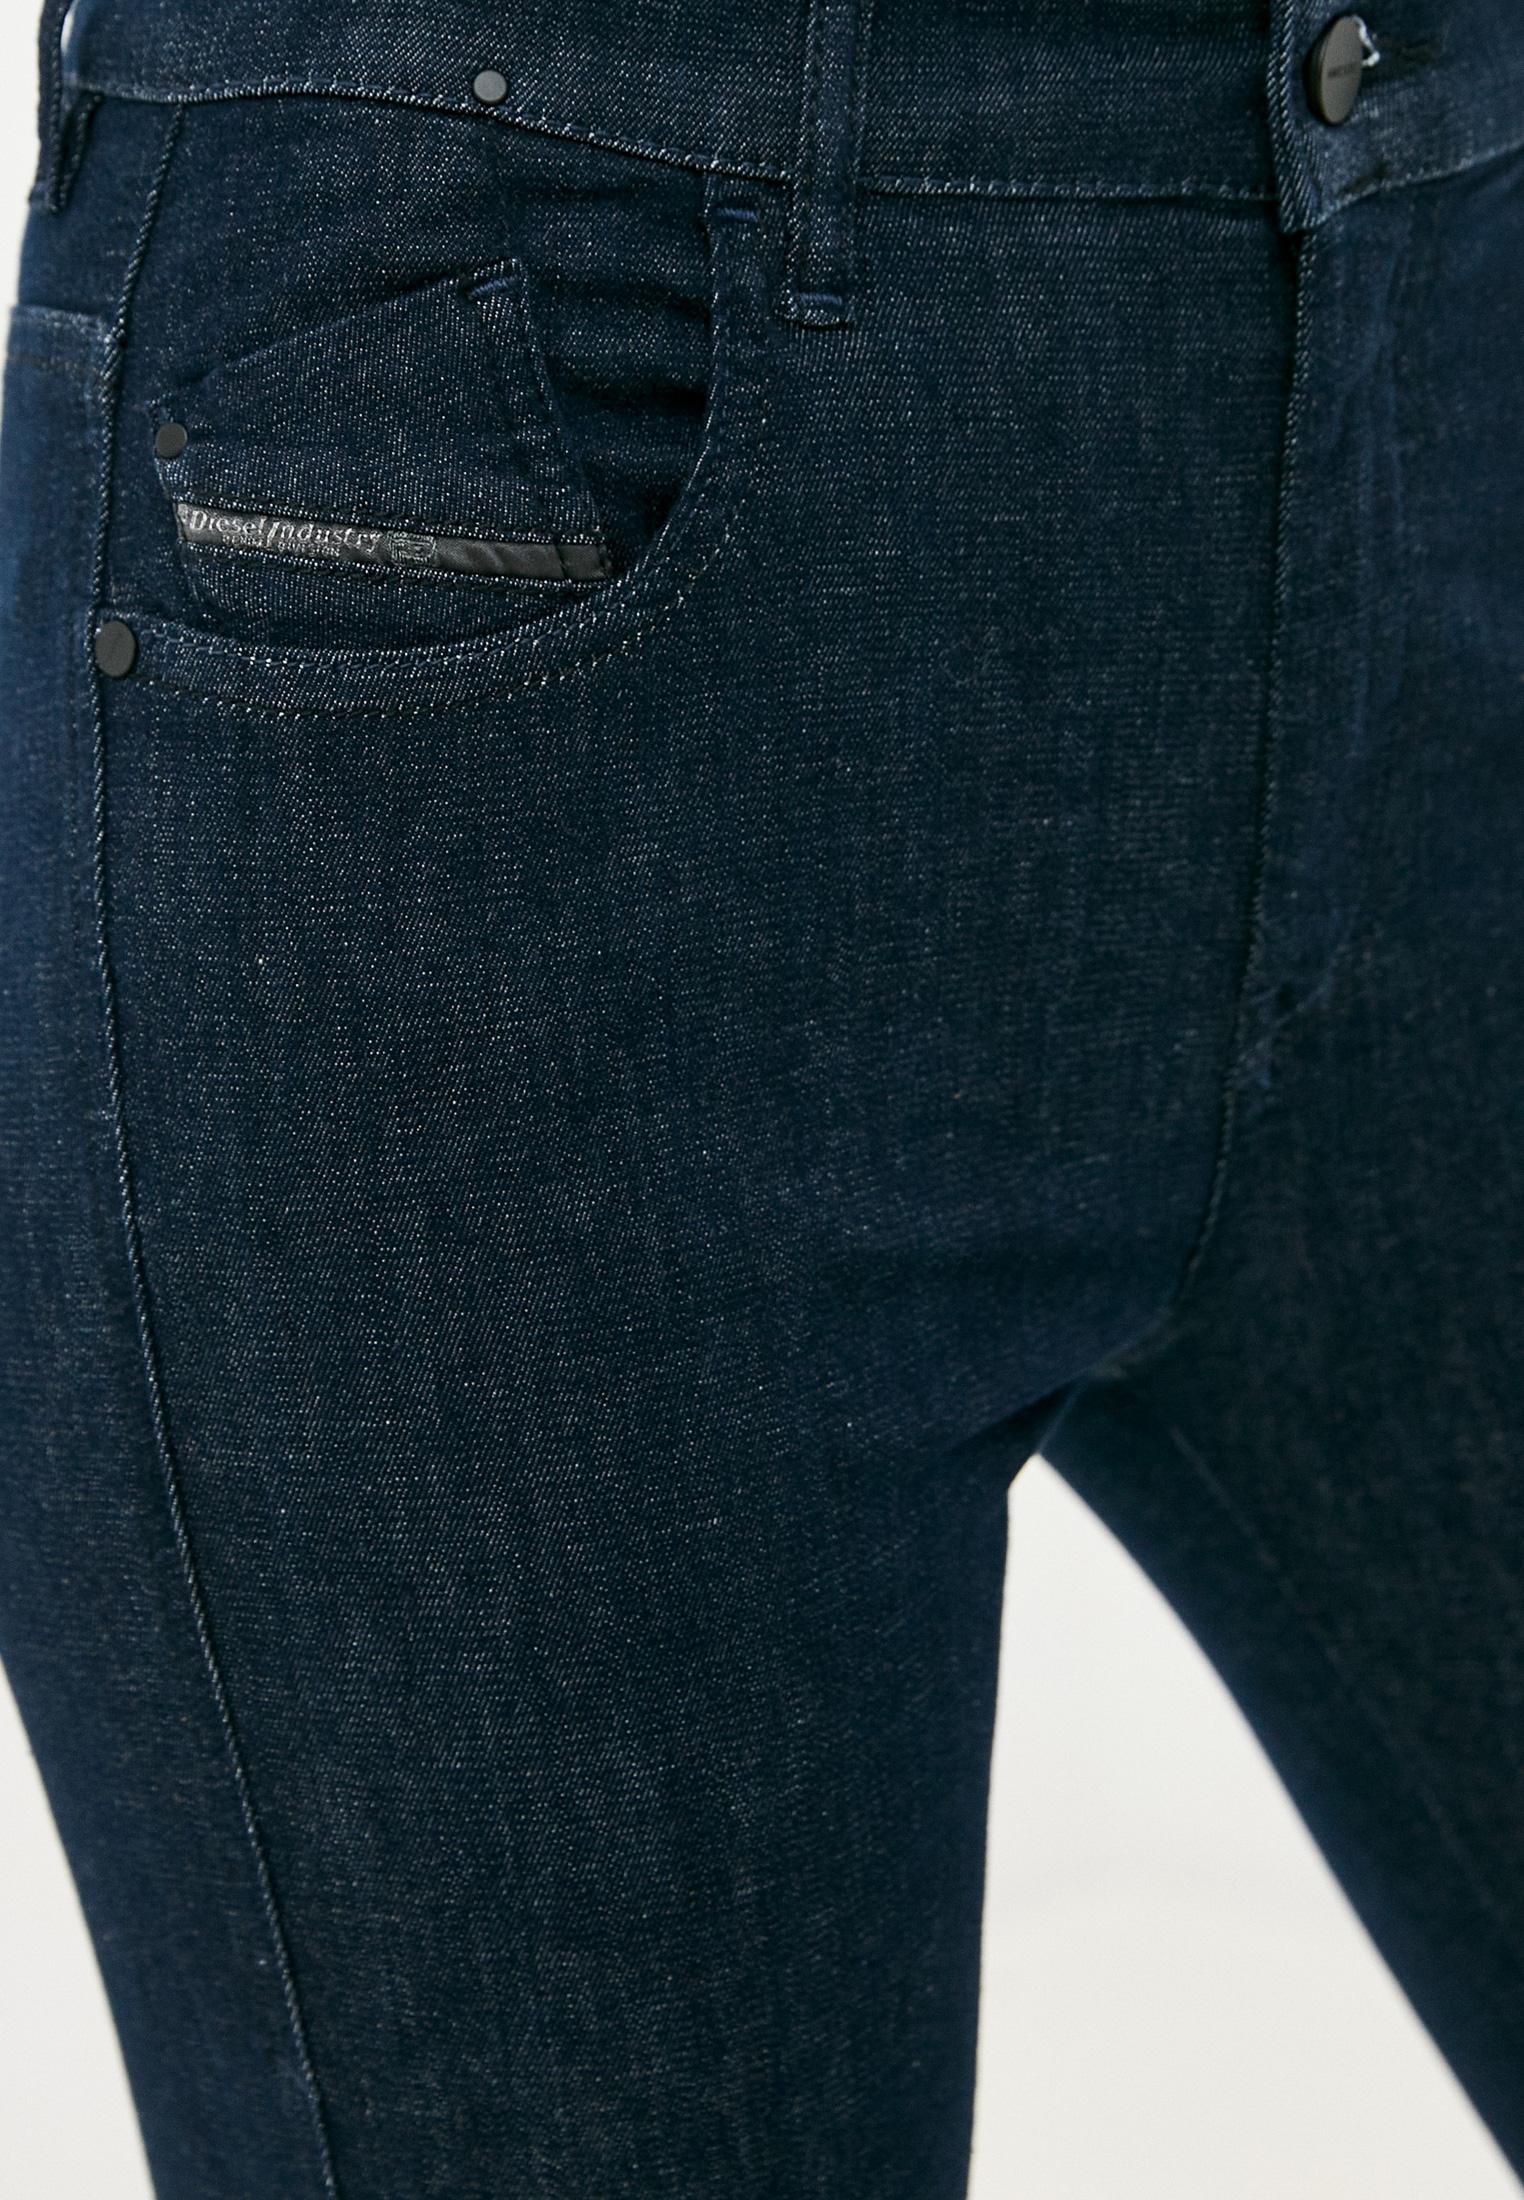 Зауженные джинсы Diesel (Дизель) 00SMLX089AB: изображение 8